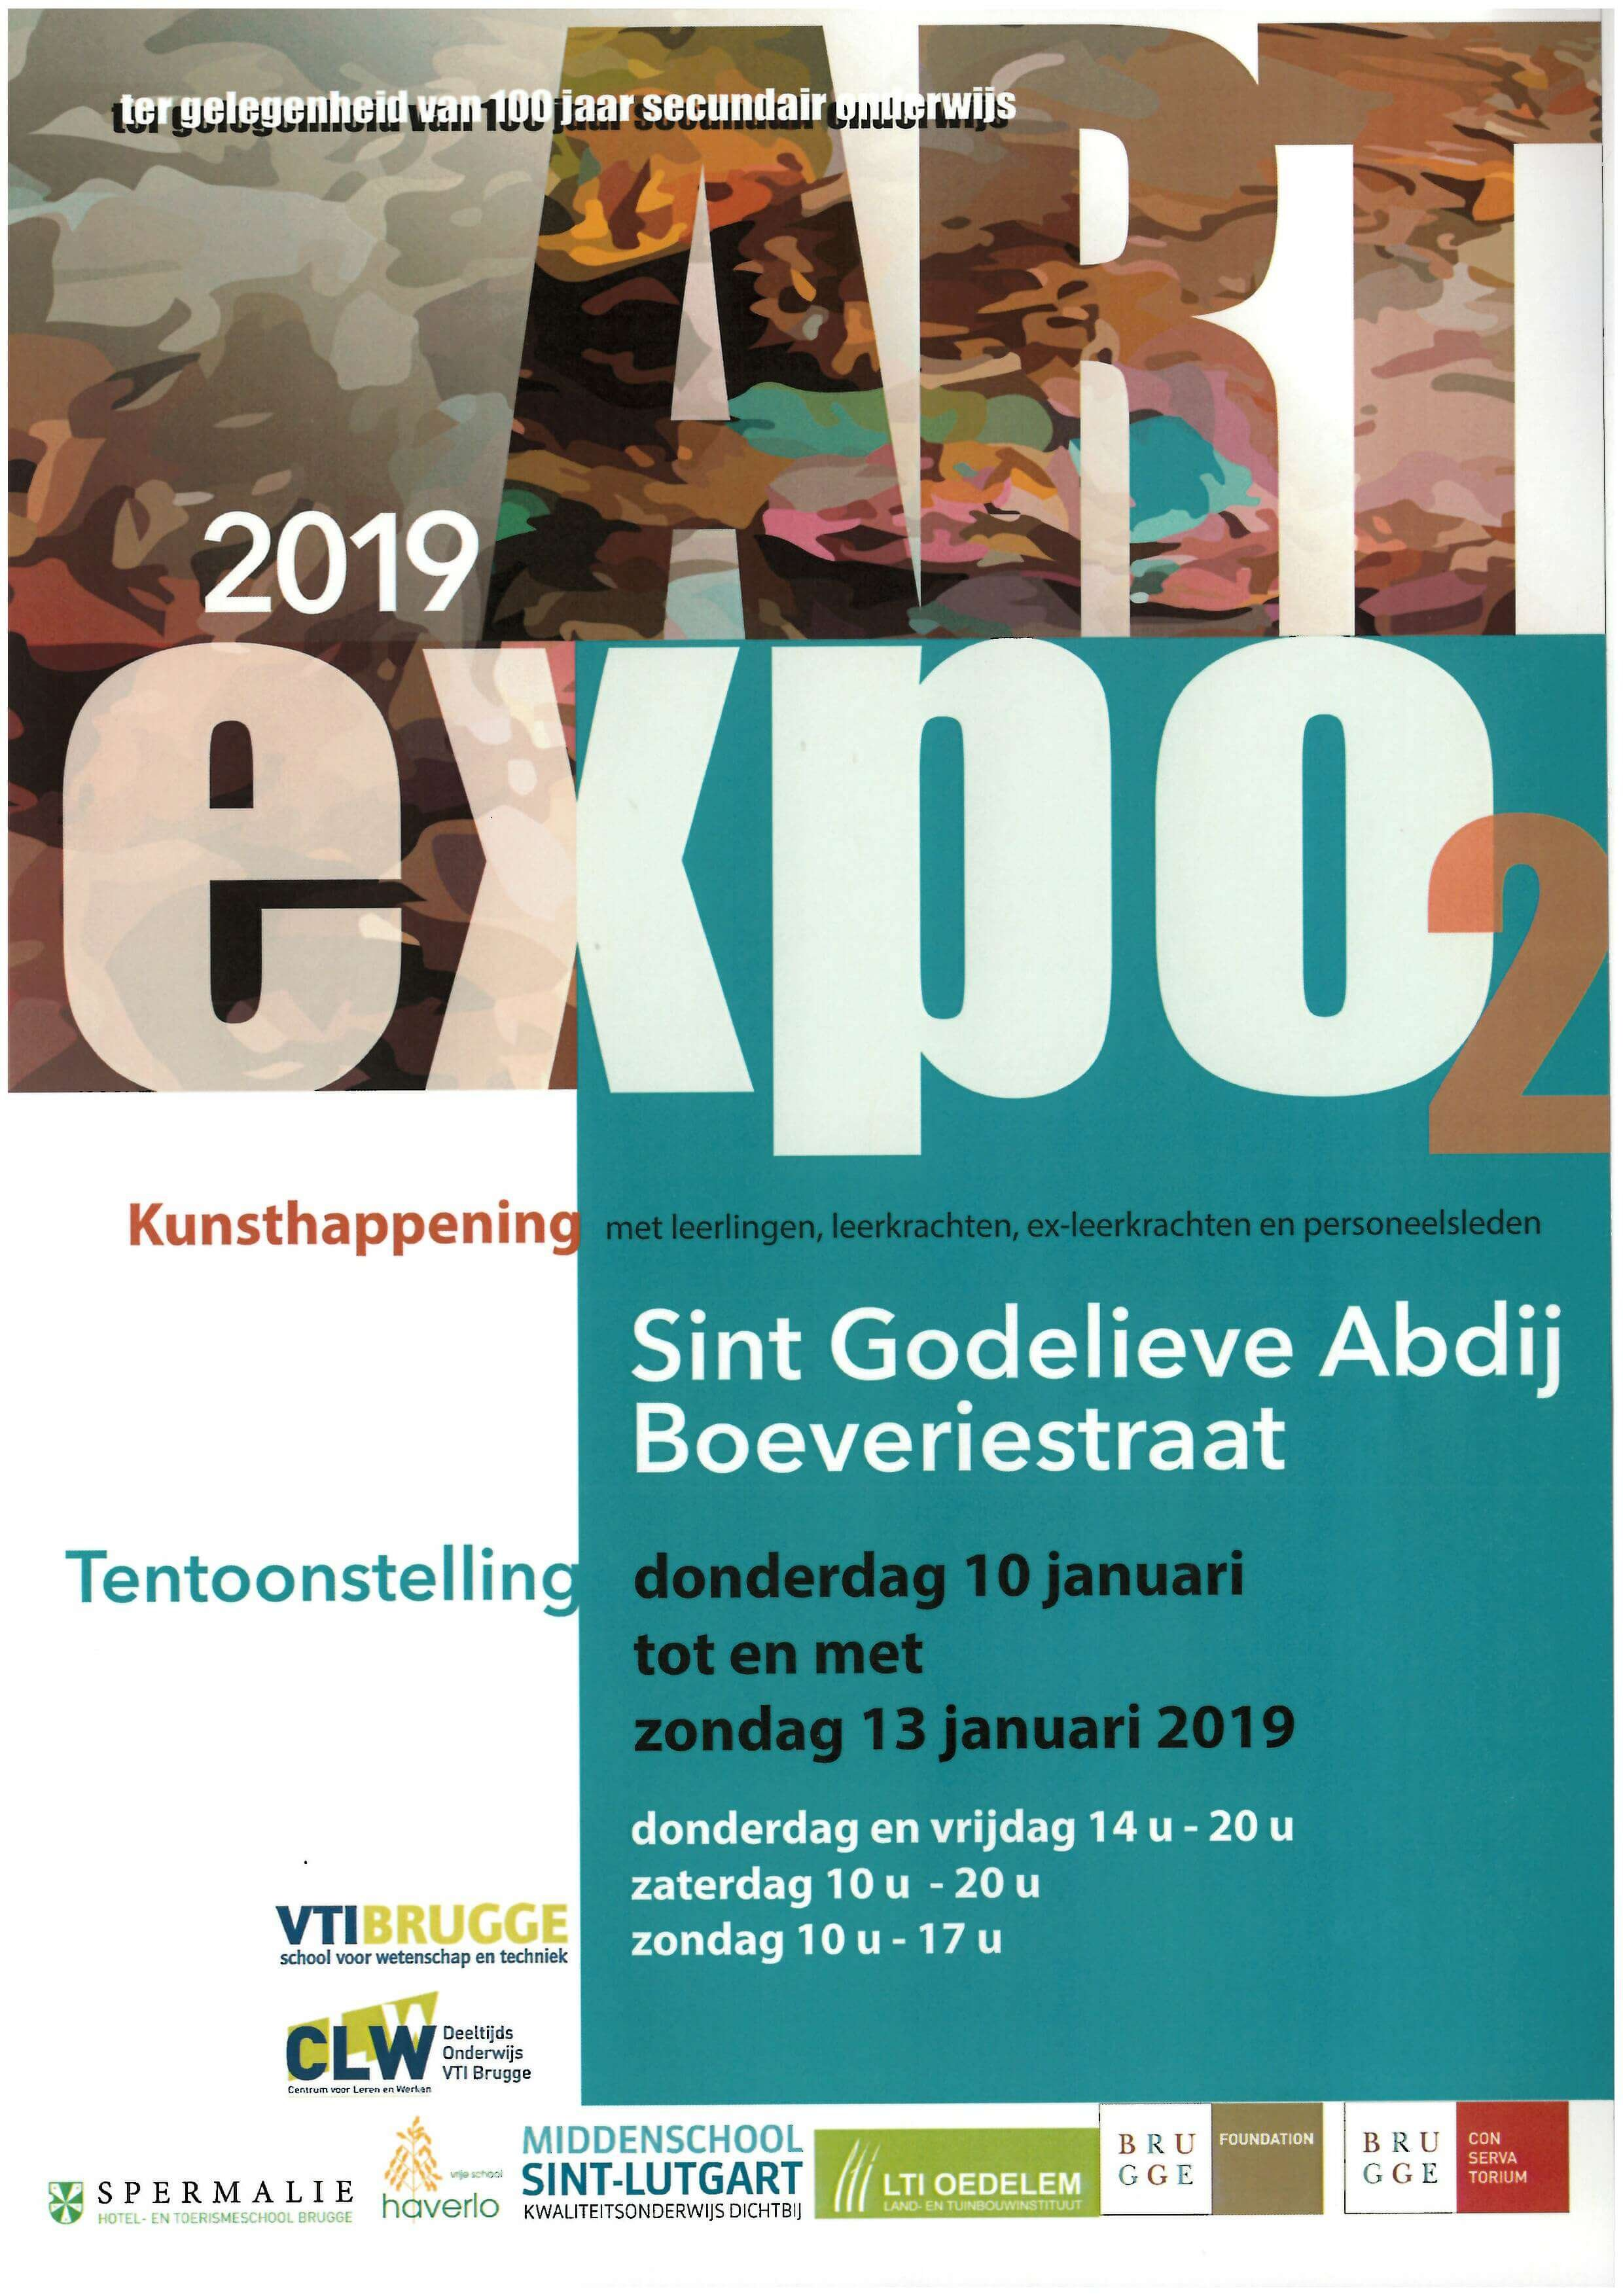 Expo in Sint Godelieve Abdij, Boeverijstraat